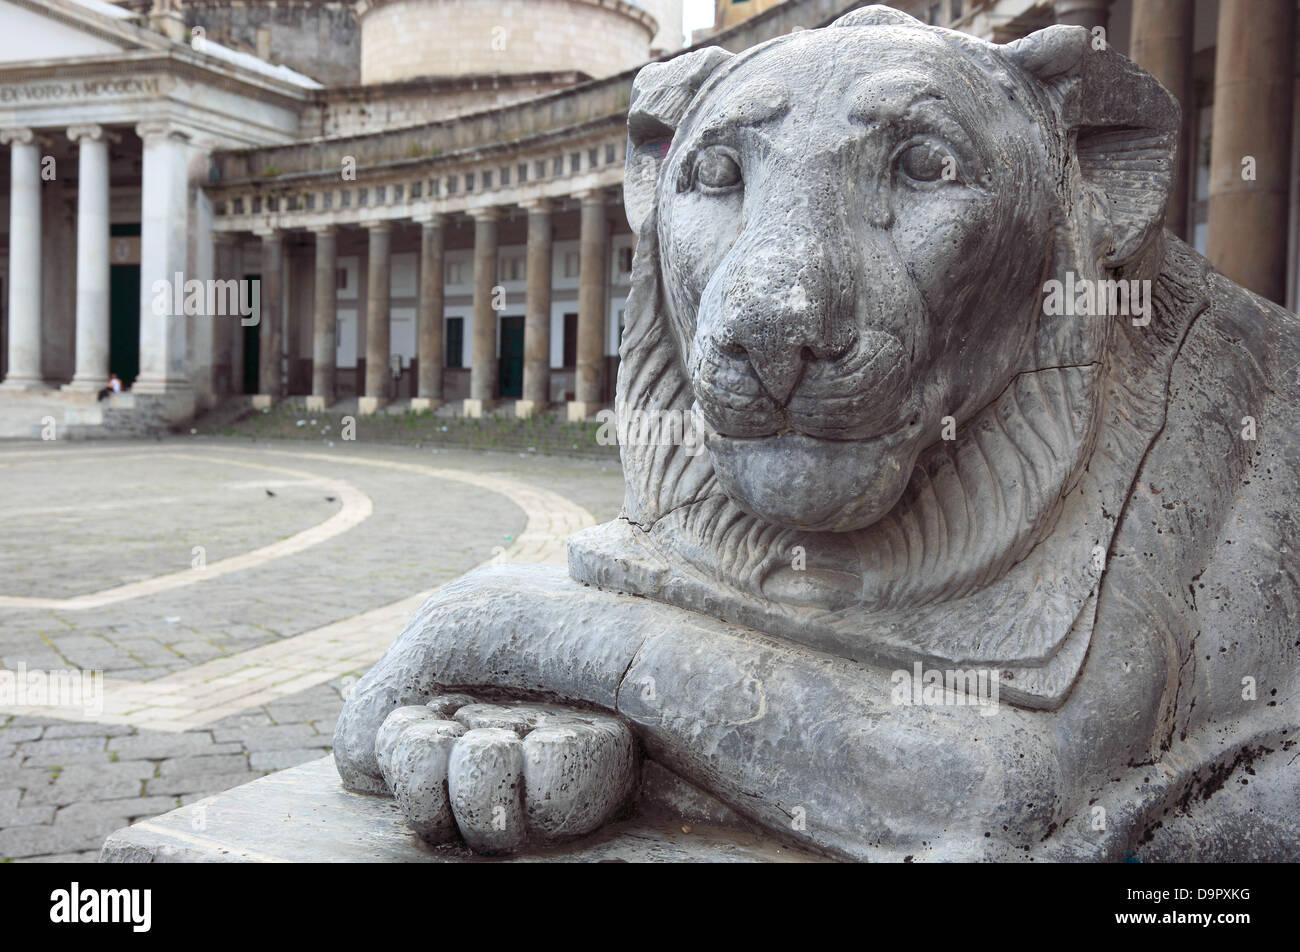 The grinning lion at the Basilica di San Francesco di Paola in Piazza del Plebiscito, Naples, Campania, Italy - Stock Image